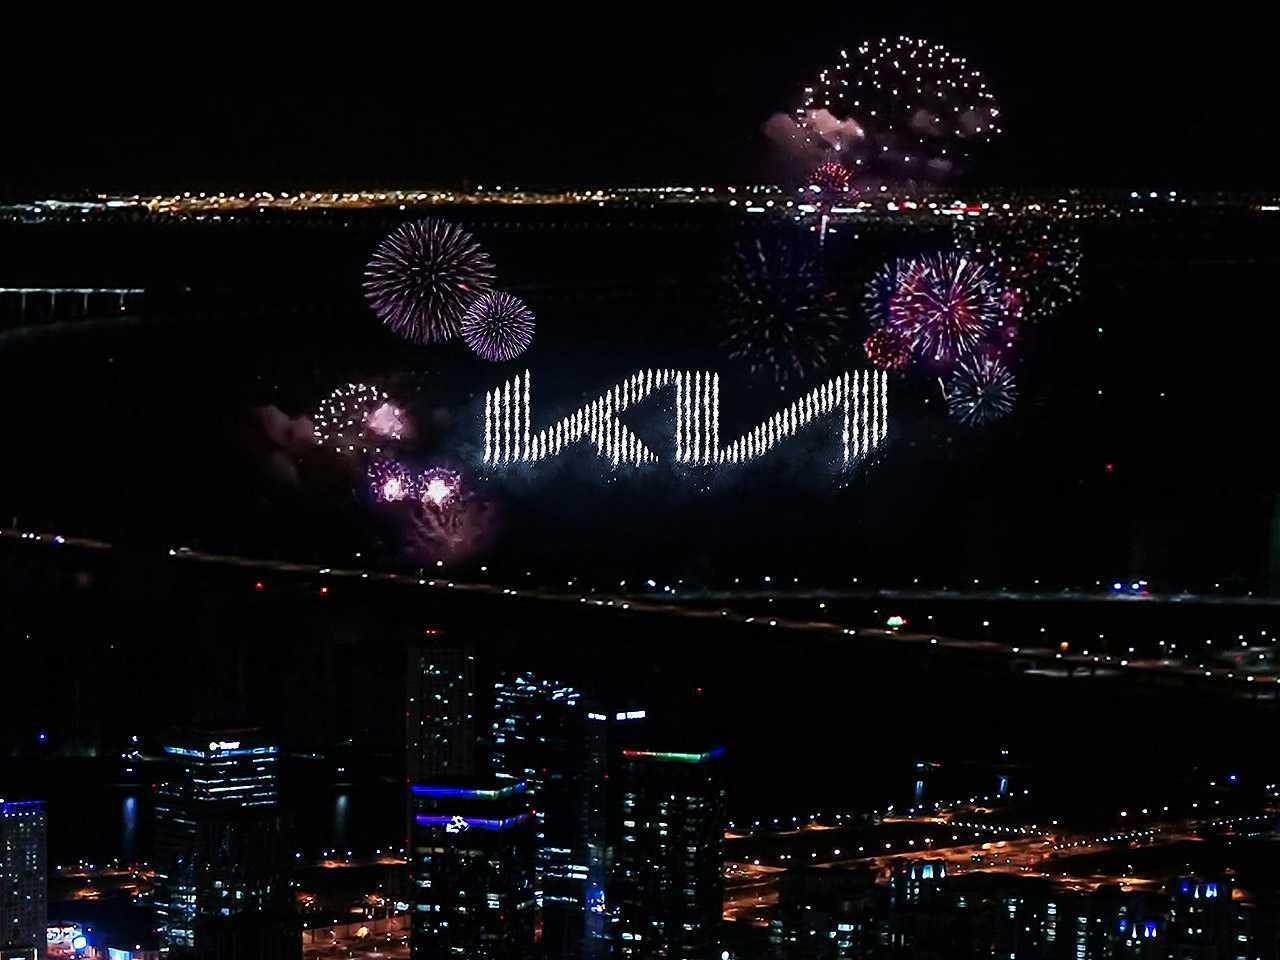 Novo logotipo da Kia foi revelado durante uma exibição pirotécnica nos céus de Incheon, Coréia do Sul